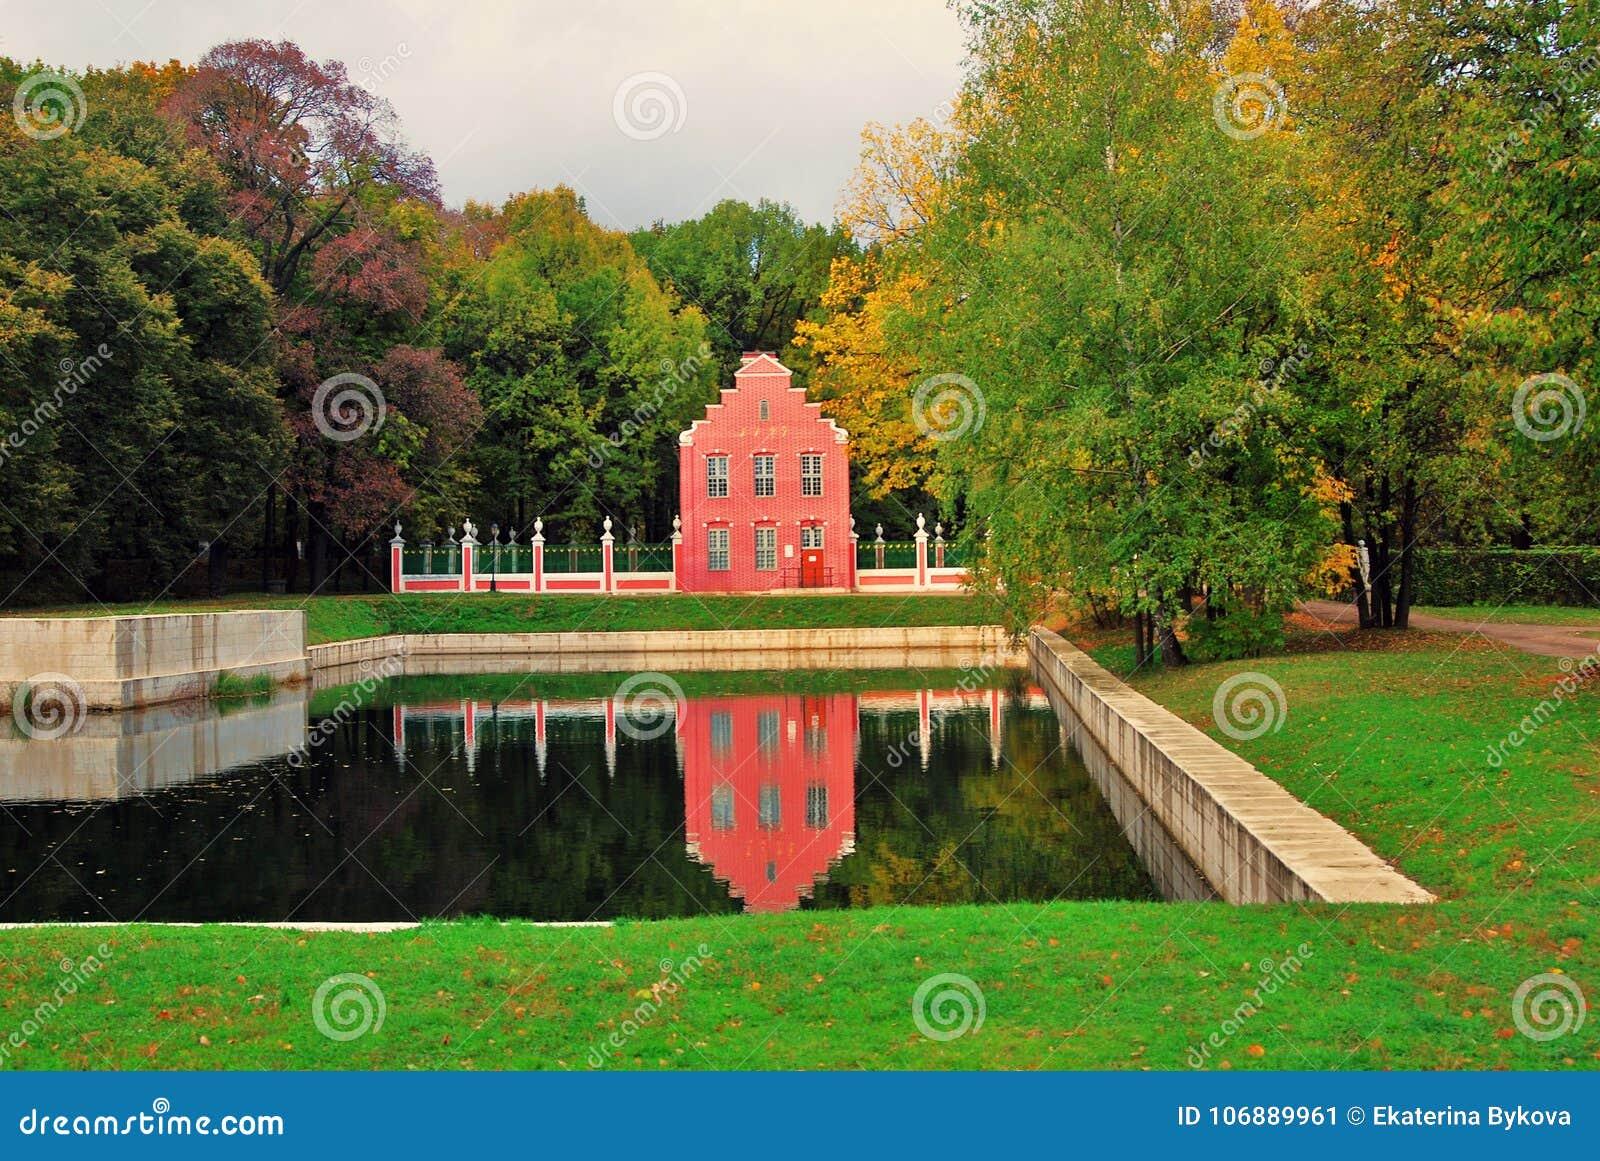 Kuskovo公园在莫斯科 荷兰语房子 秋天自然和池塘